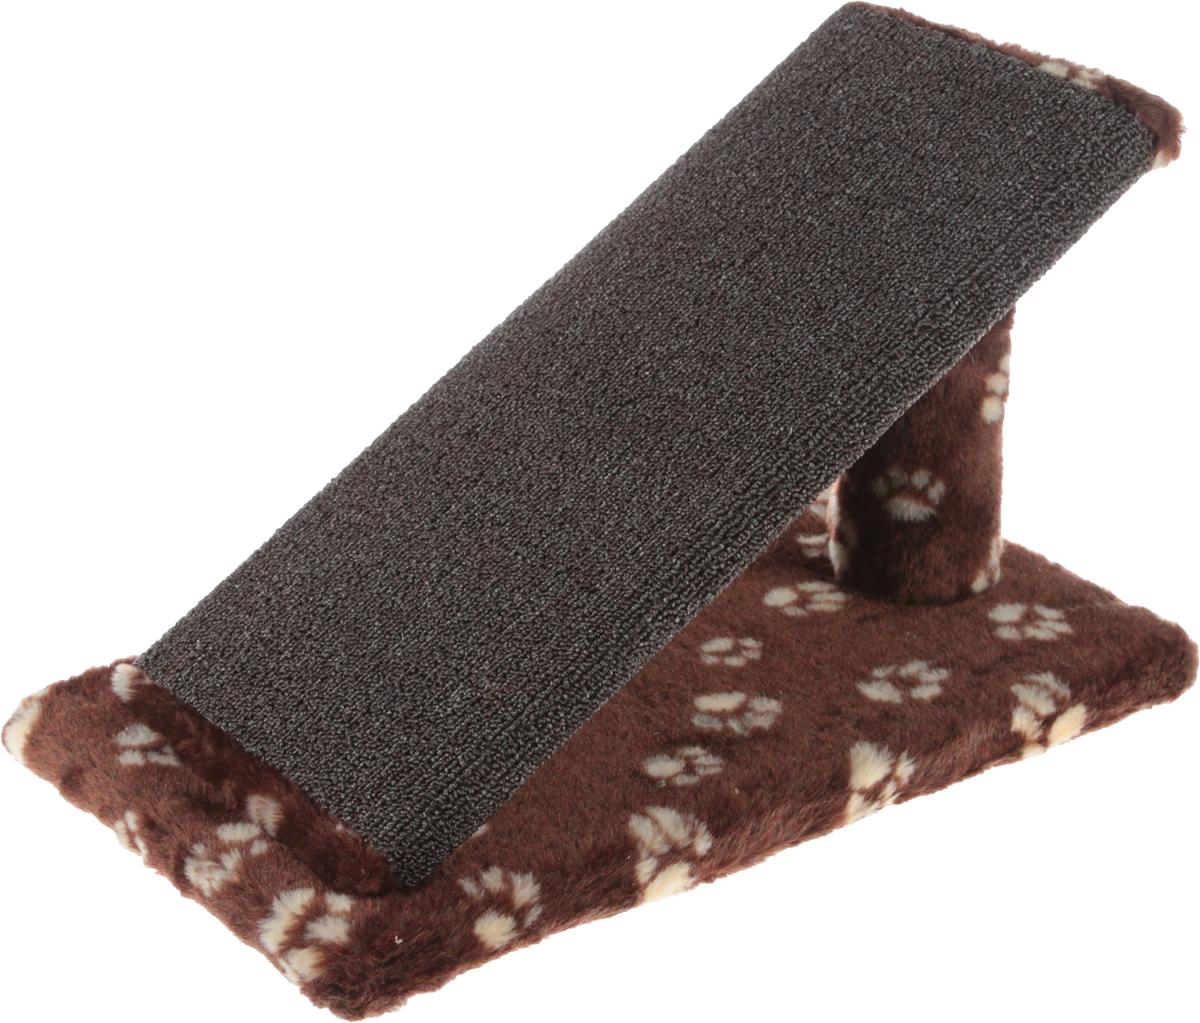 Когтеточка для котят Меридиан Горка, цвет: коричневый, белый, 45 х 25 х 25 см0120710Когтеточка Меридиан Горка предназначена для стачивания когтей вашего котенка и предотвращения их врастания. Она выполнена из дерева и обтянута искусственным мехом. Точатся когти о накладку из джута. Когтеточка позволяет сохранить неповрежденными мебель и другие предметы интерьера.